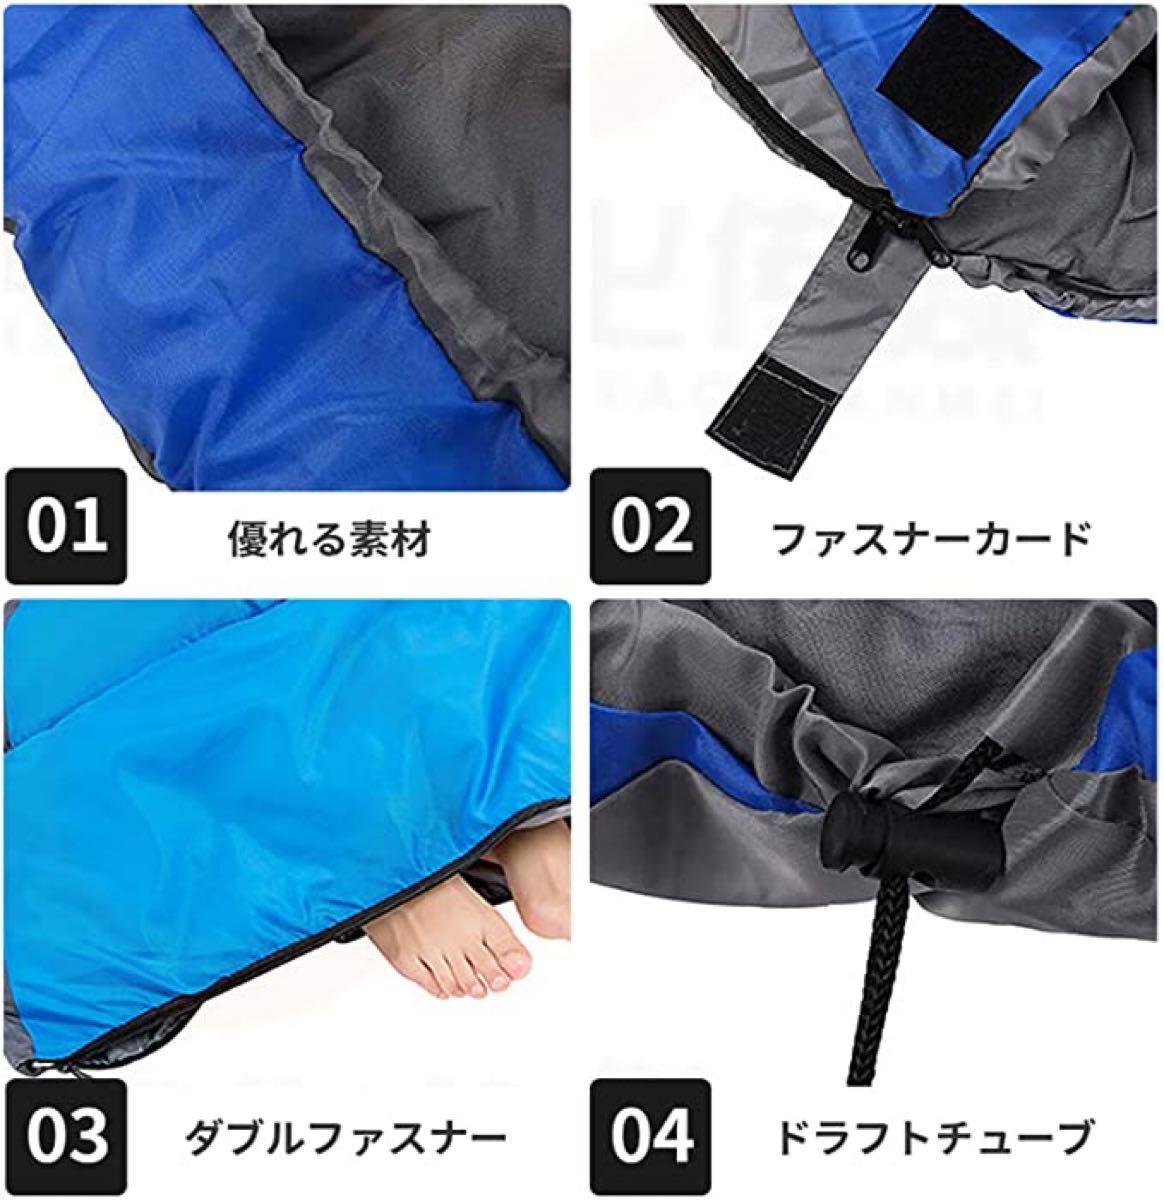 丸洗い可能 寝袋 シュラフ 封筒型 軽量 保温 210T防水 コンパクト